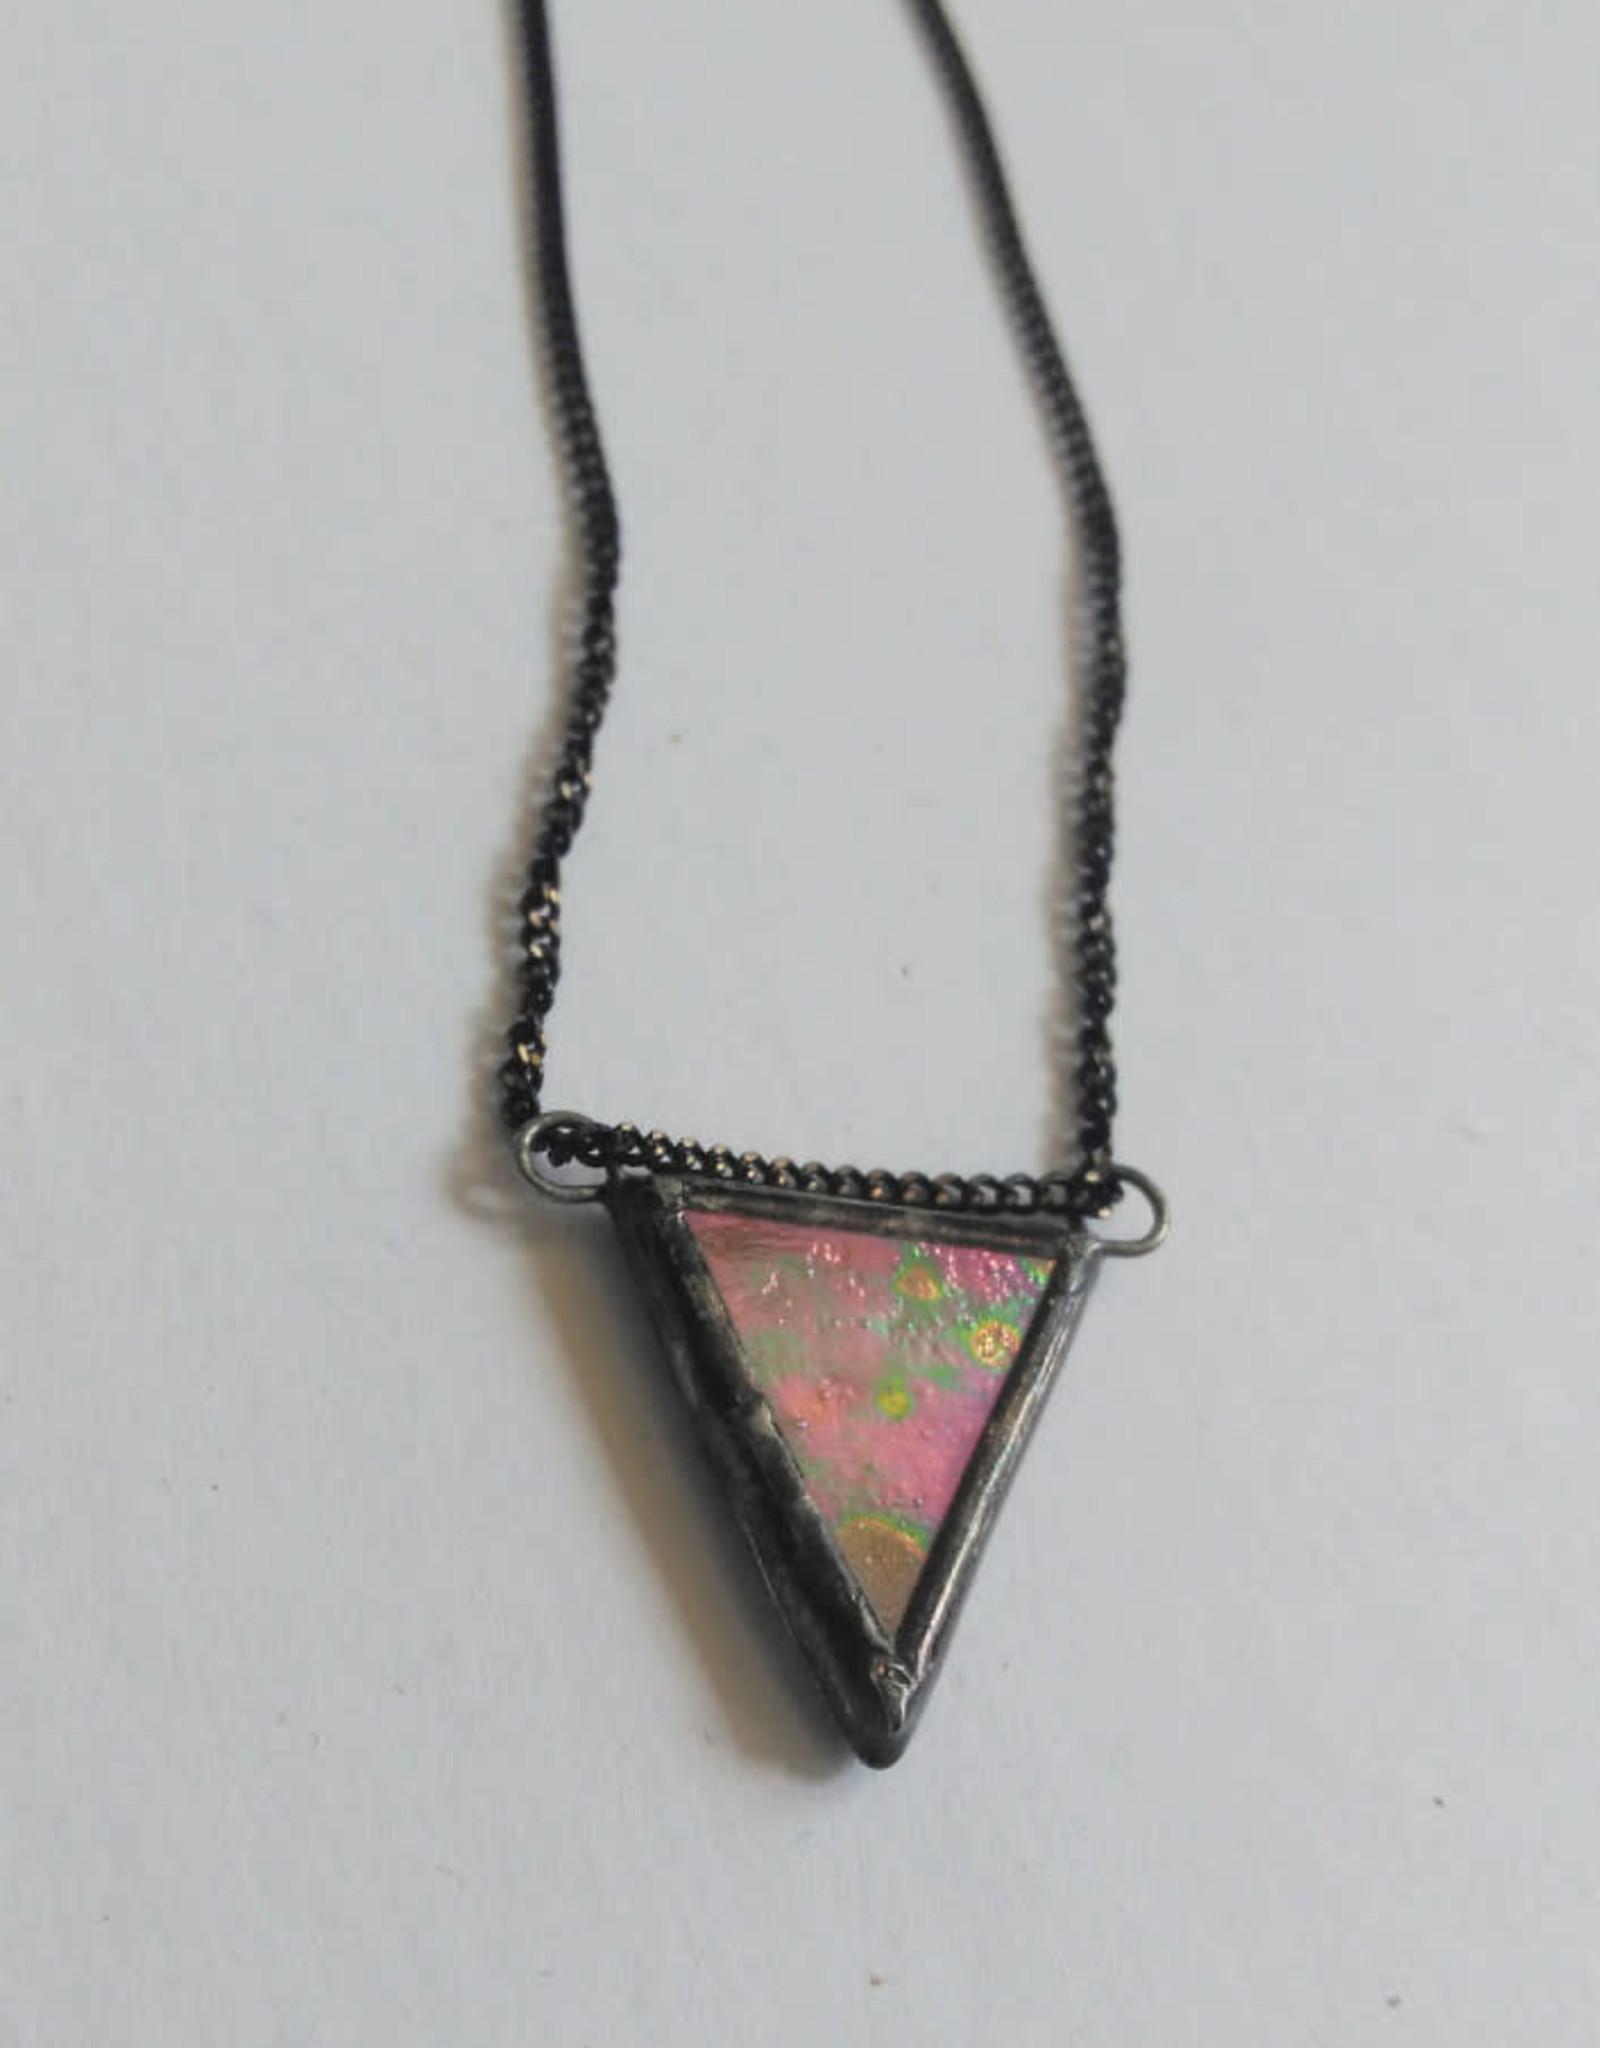 La Manufacture Collier Triangle La Manufacture Iridescent Rose